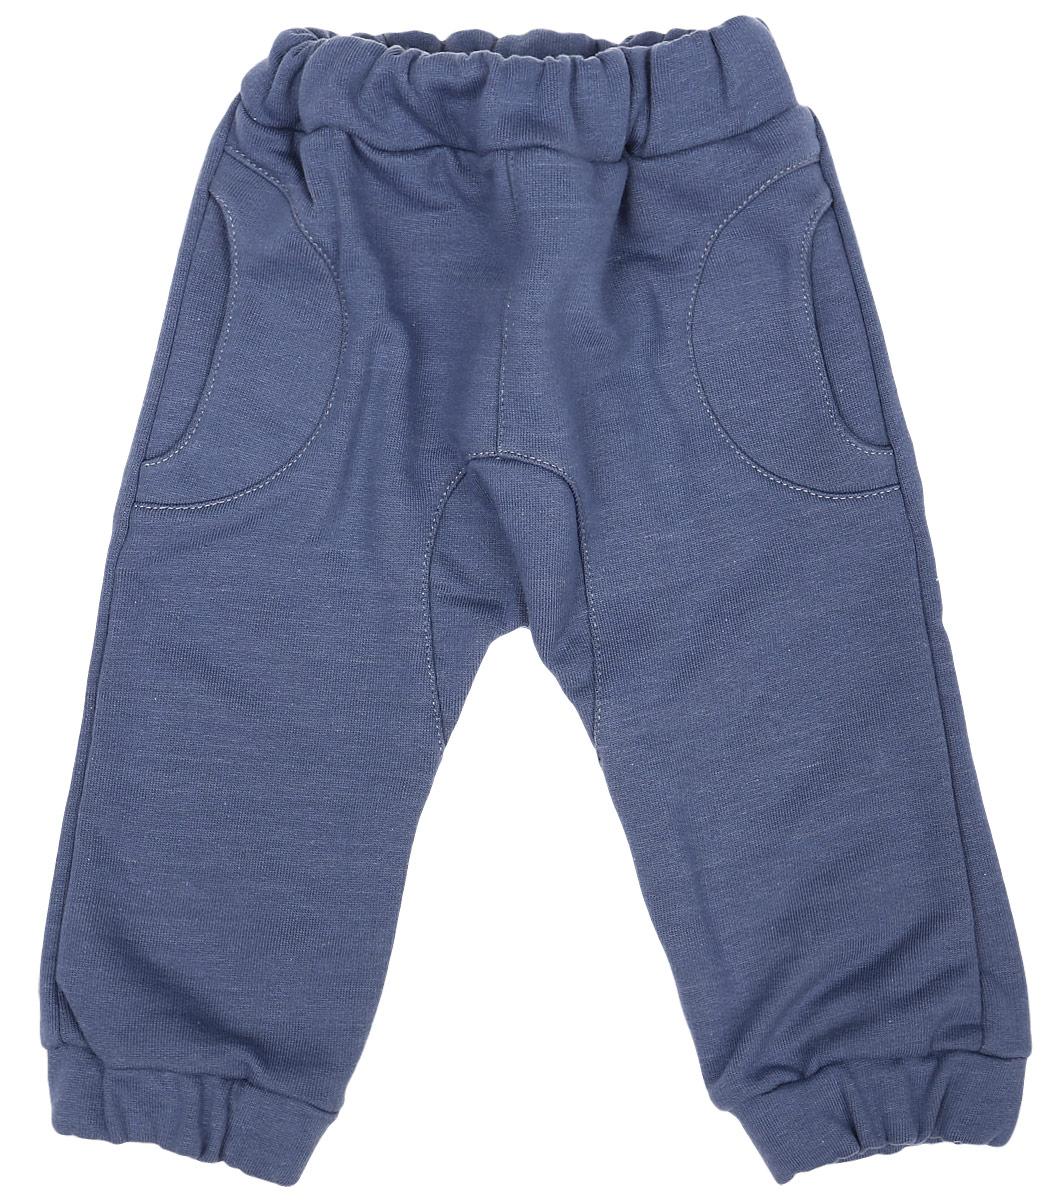 Штанишки22-Штанишки для мальчика Клякса изготовлены из натурального хлопка. Изнаночная сторона модели с небольшими петельками. Штанишки имеют эластичный пояс. Низ брючин собран на резинки. Спереди расположены два втачных кармашка.